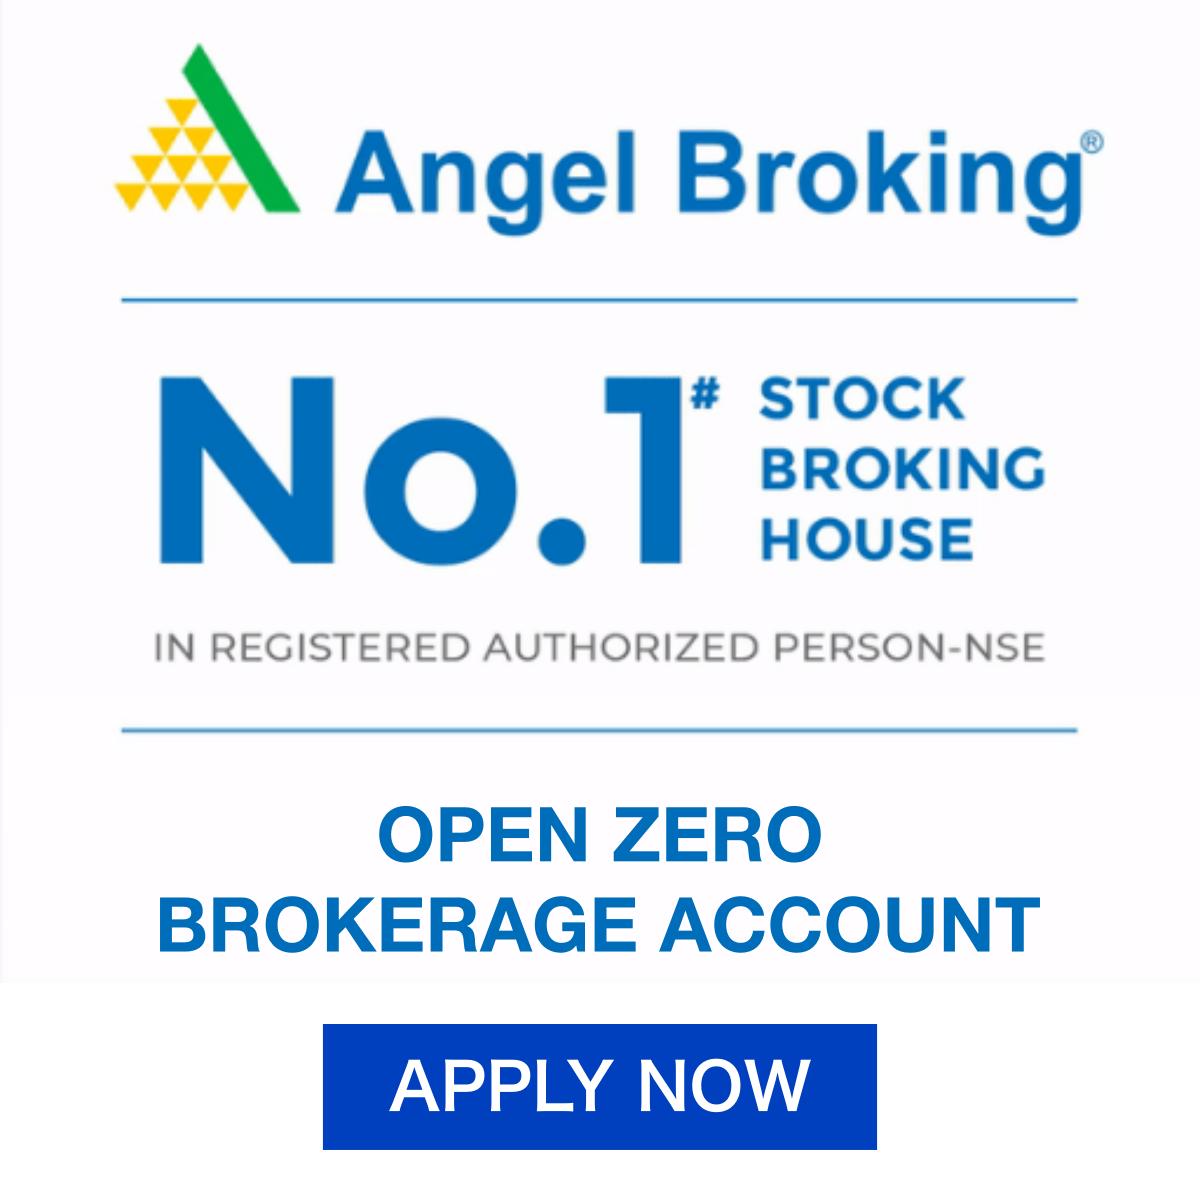 angel broking referral